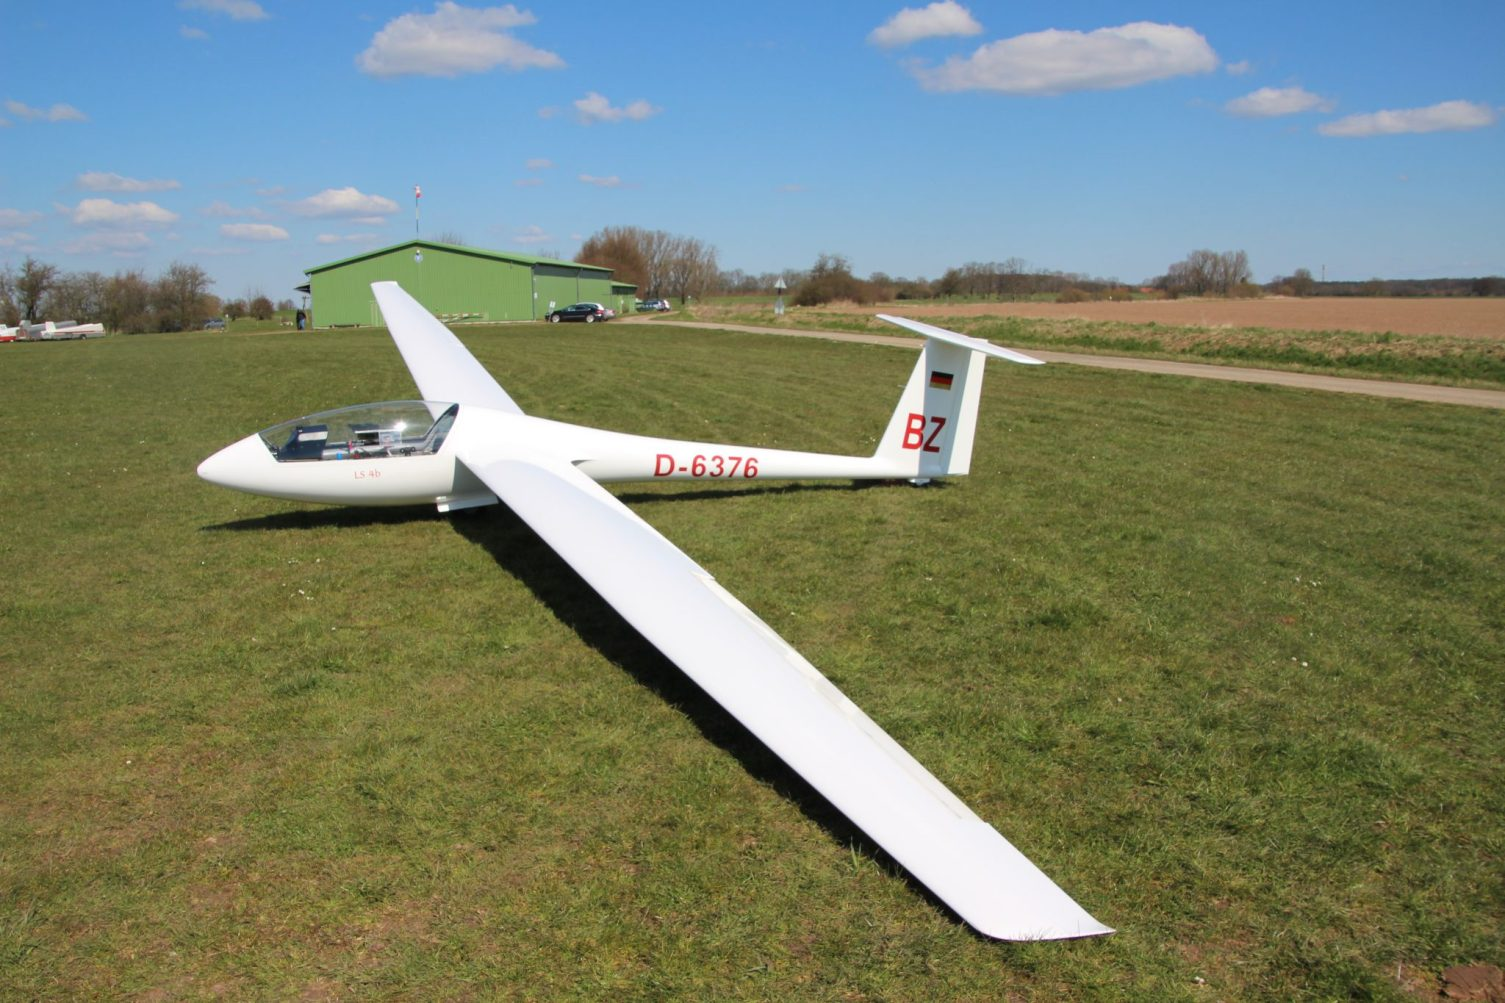 Rolladen Schneider LS4b (D-6376 (BZ))